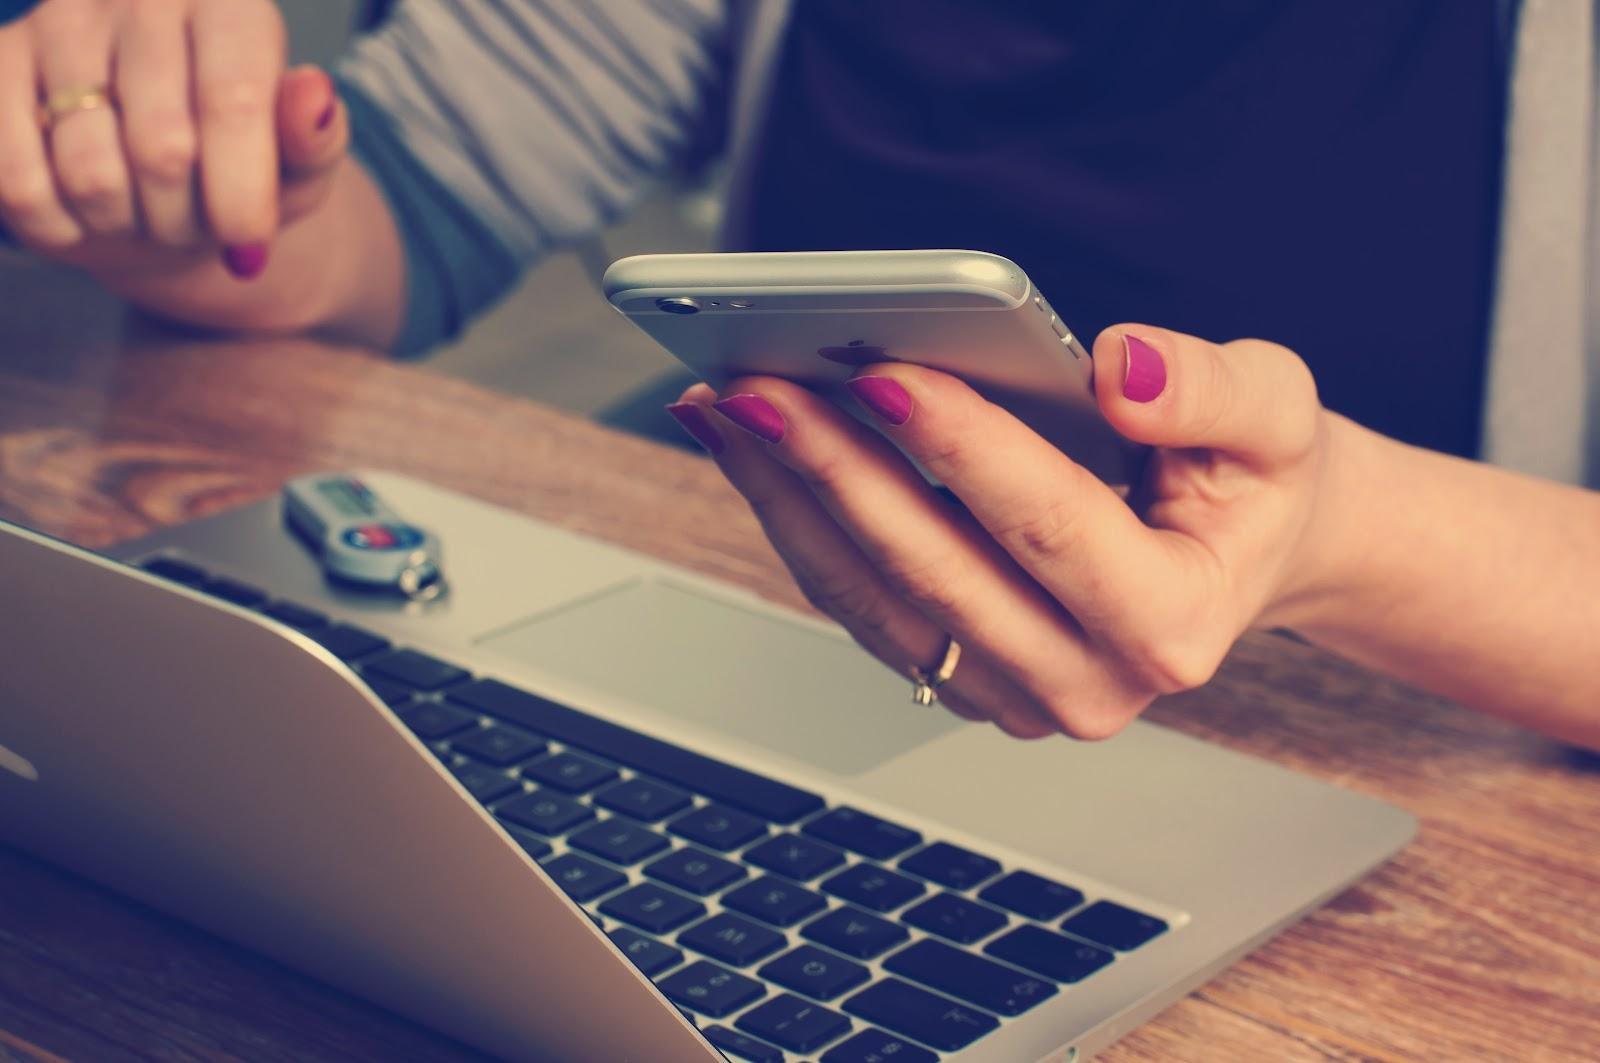 Revolut i karty wielowalutowe -Zawsze chroń swoje dane i pieniądze wykonując operacje na aplikacjach mobilnych!